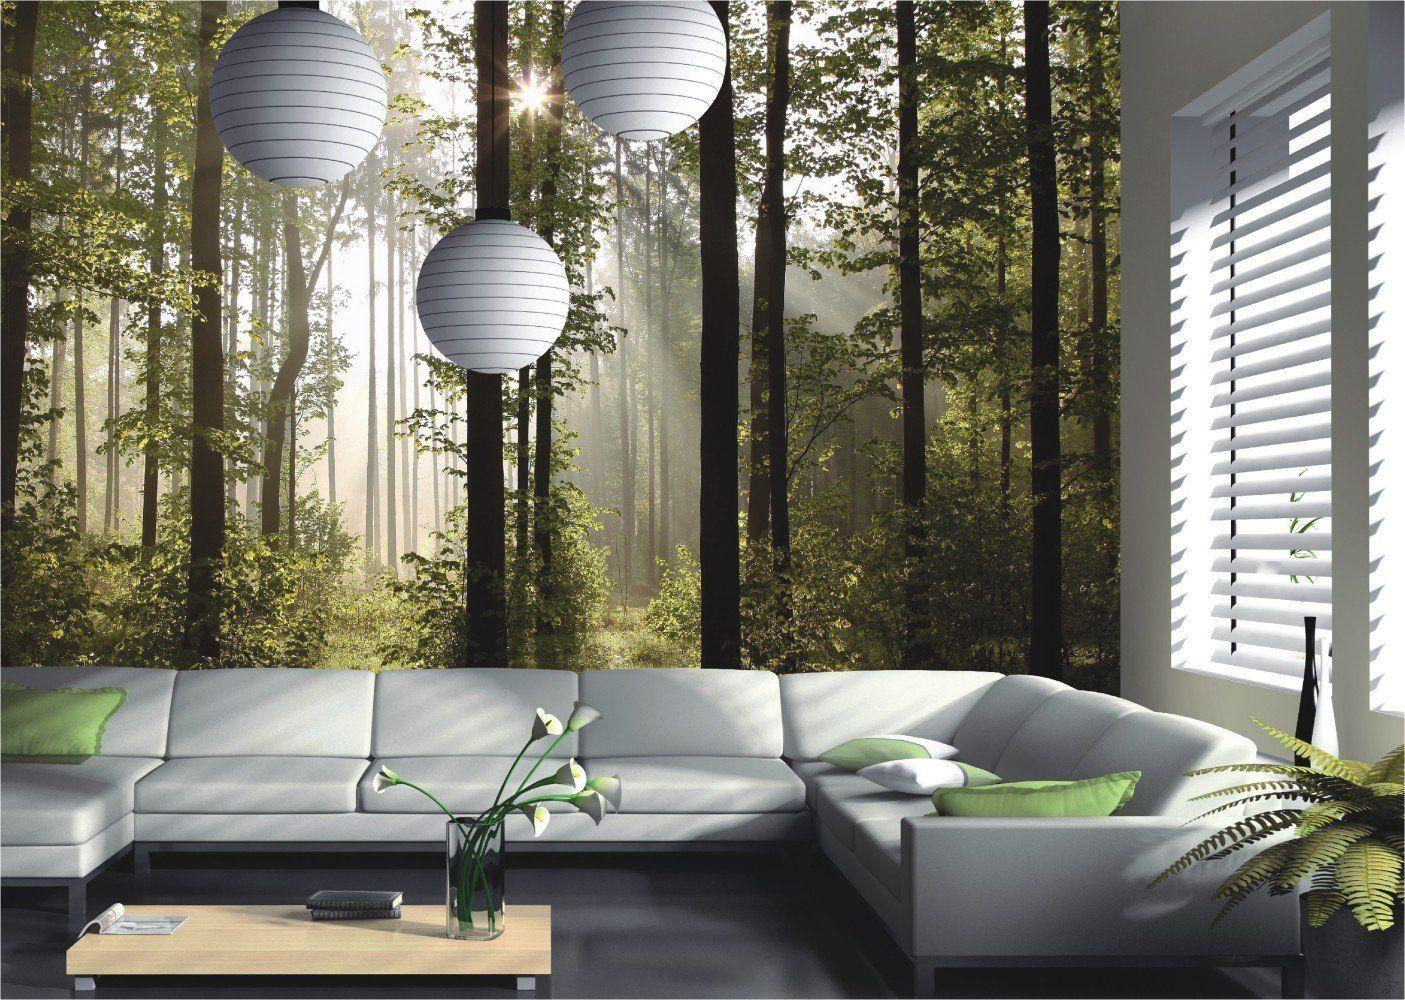 High Quality Fototapete Tapete Natur Wald Bäume Lichtspiel Foto 360 Cm X 254 Cm:  Amazon.de Design